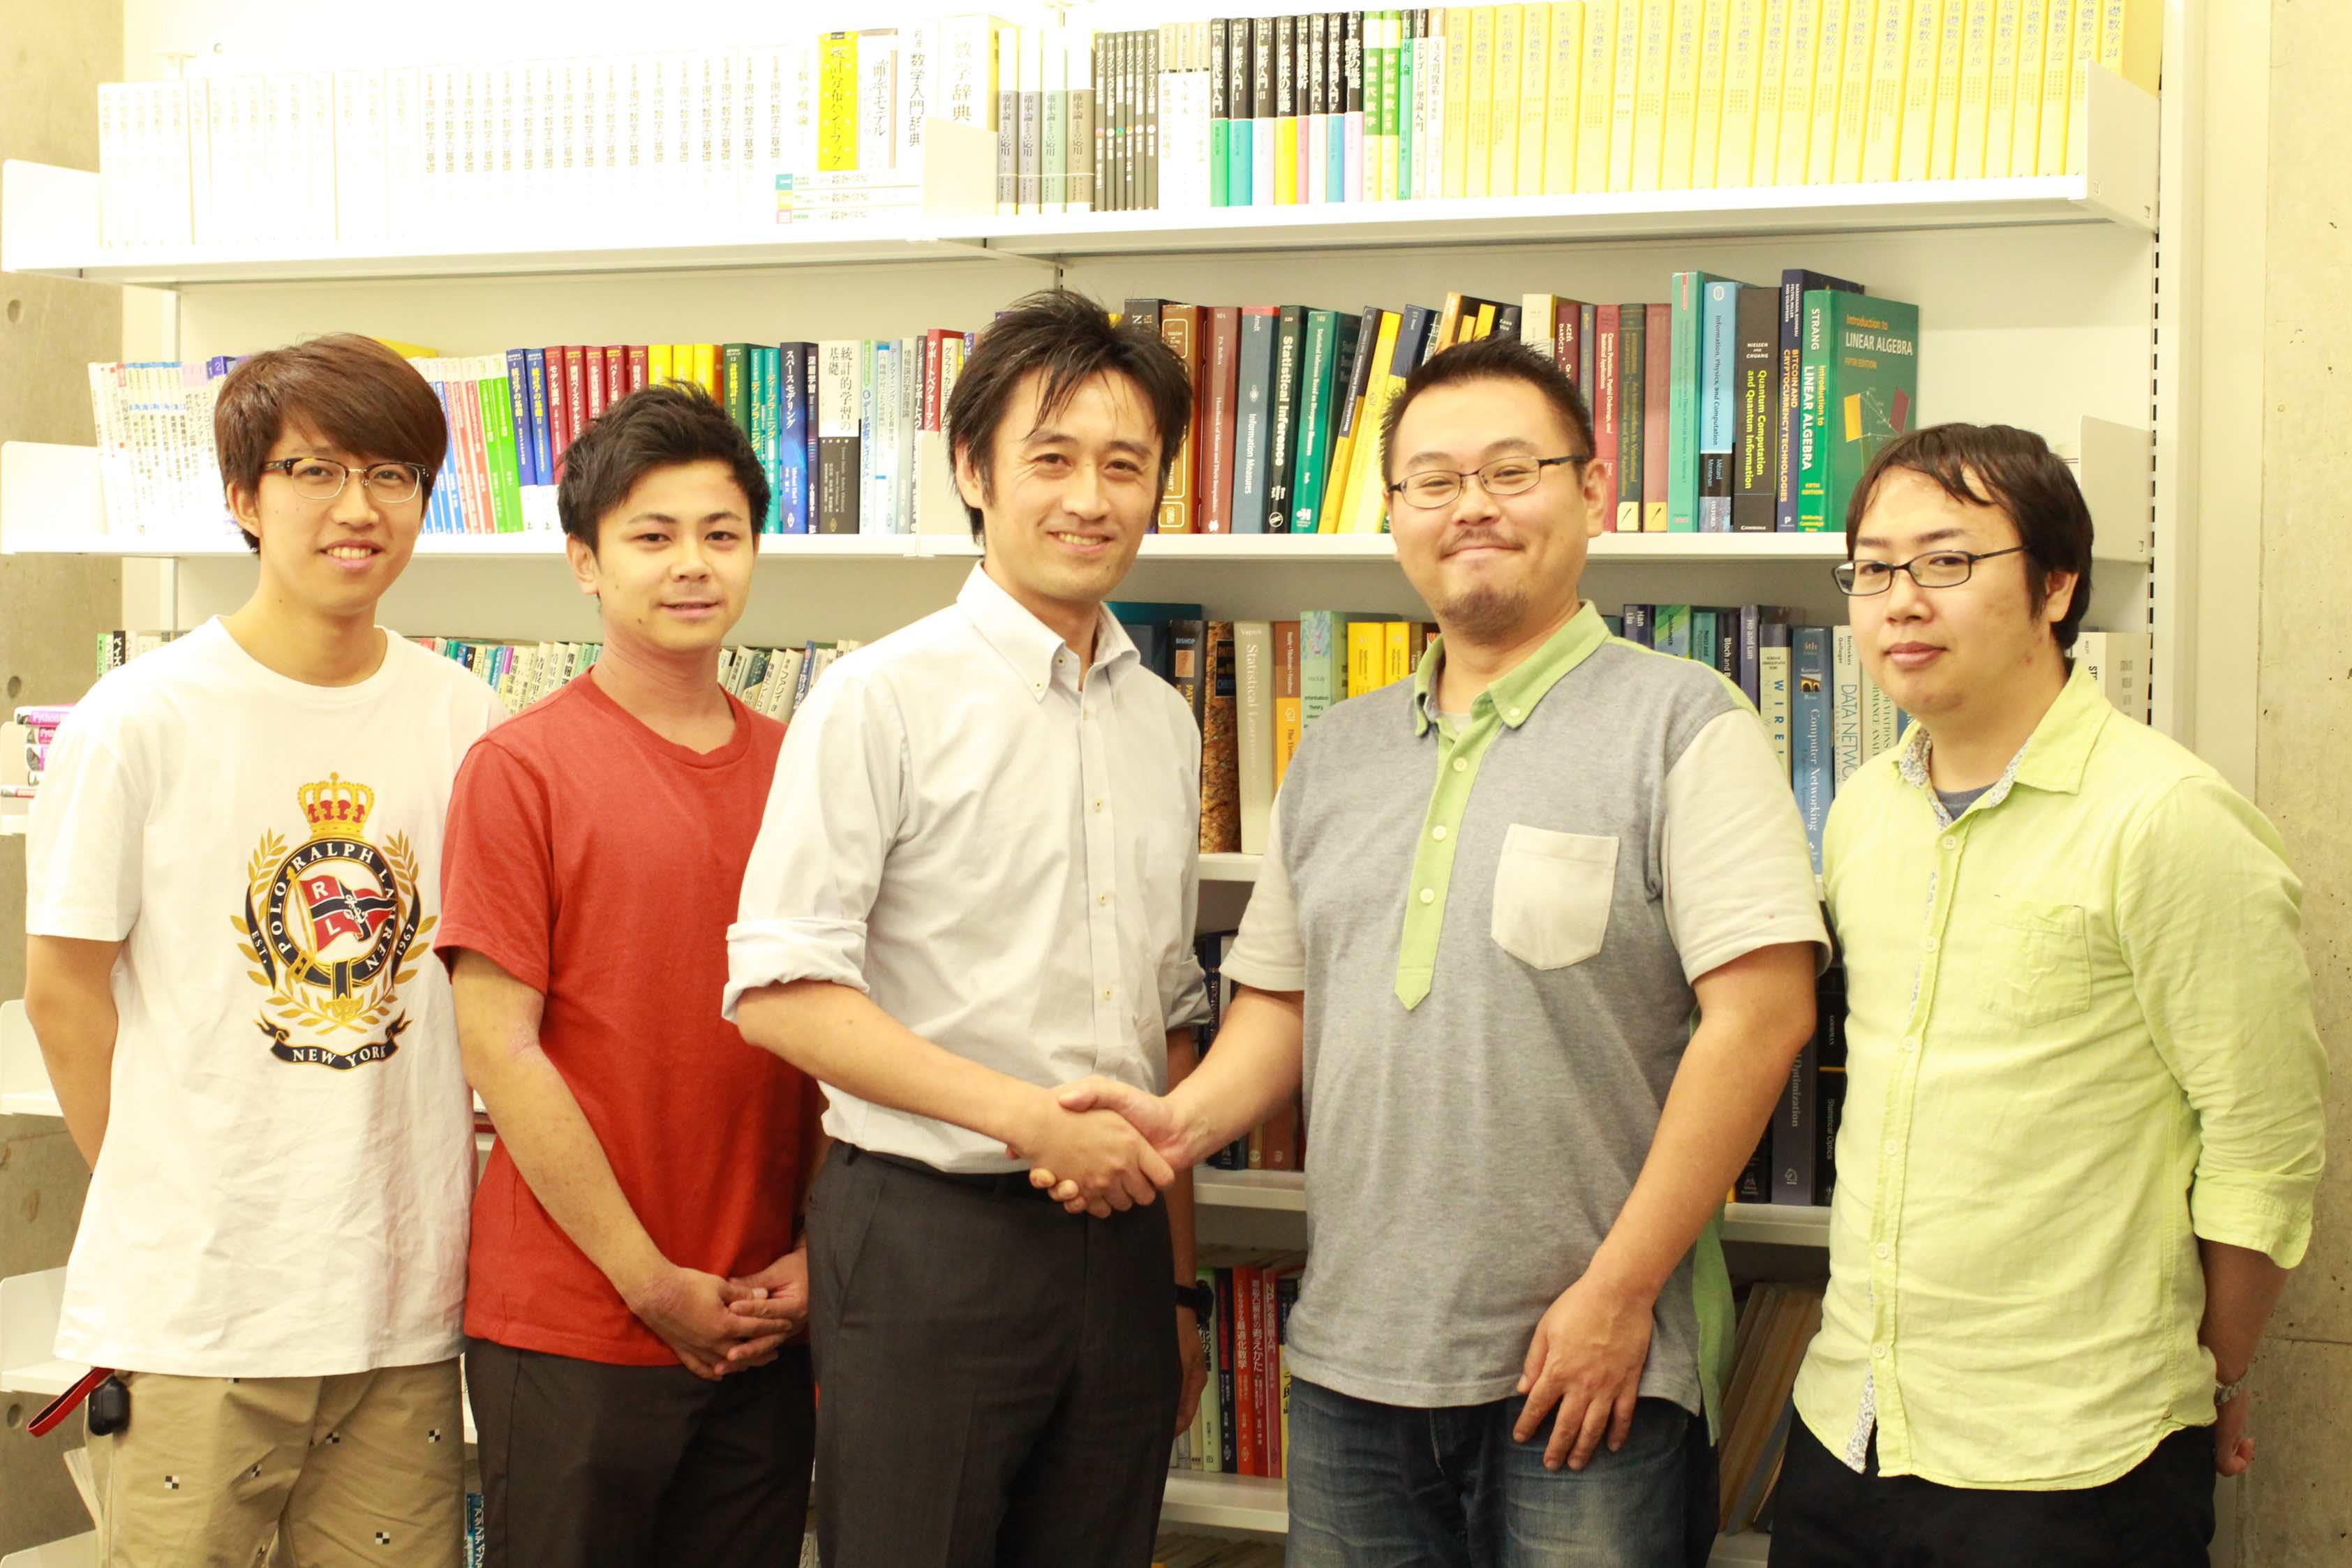 オプト×早稲田大学 内田研究室 | 産学連携で数理統計・機械学習により広告の費用対効果向上を目指す